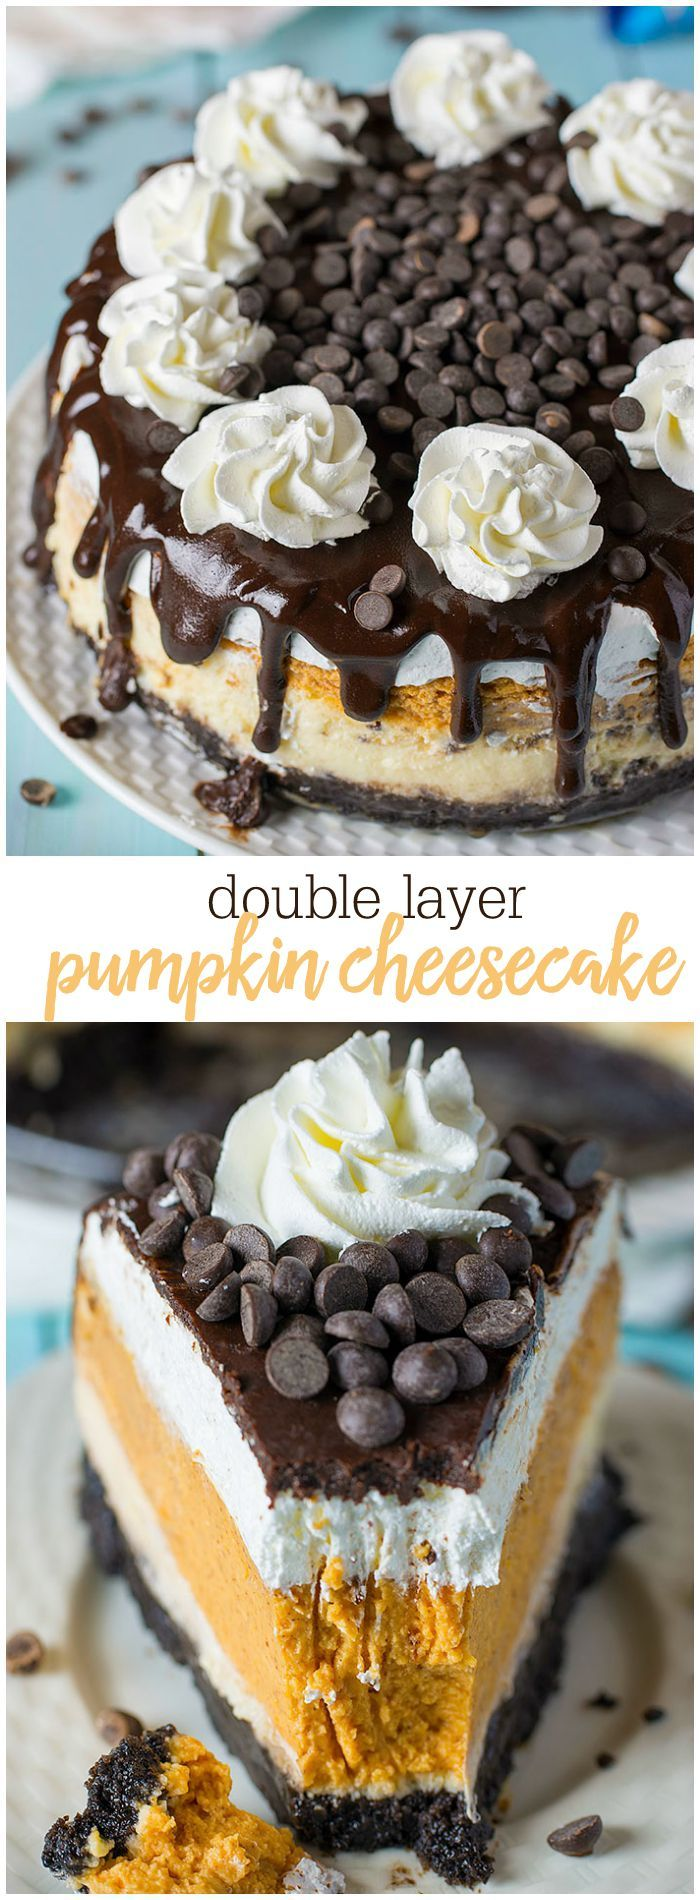 Double Layer Pumpkin Cheesecake- Rich decadent pumpkin flavored cheesecake with an Oreo crust. Sub GF Oreos